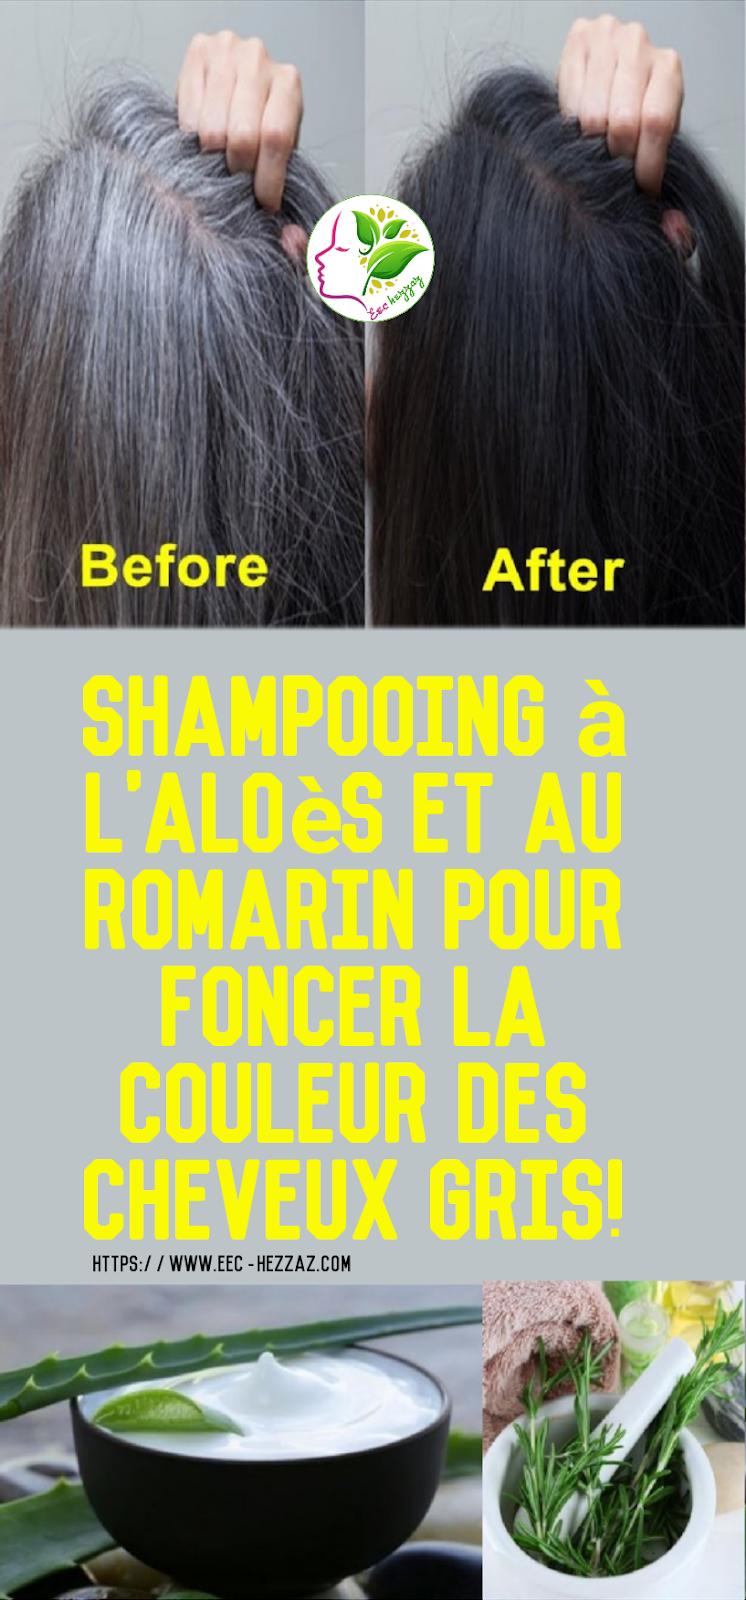 Shampooing à l'aloès et au romarin pour foncer la couleur des cheveux gris!